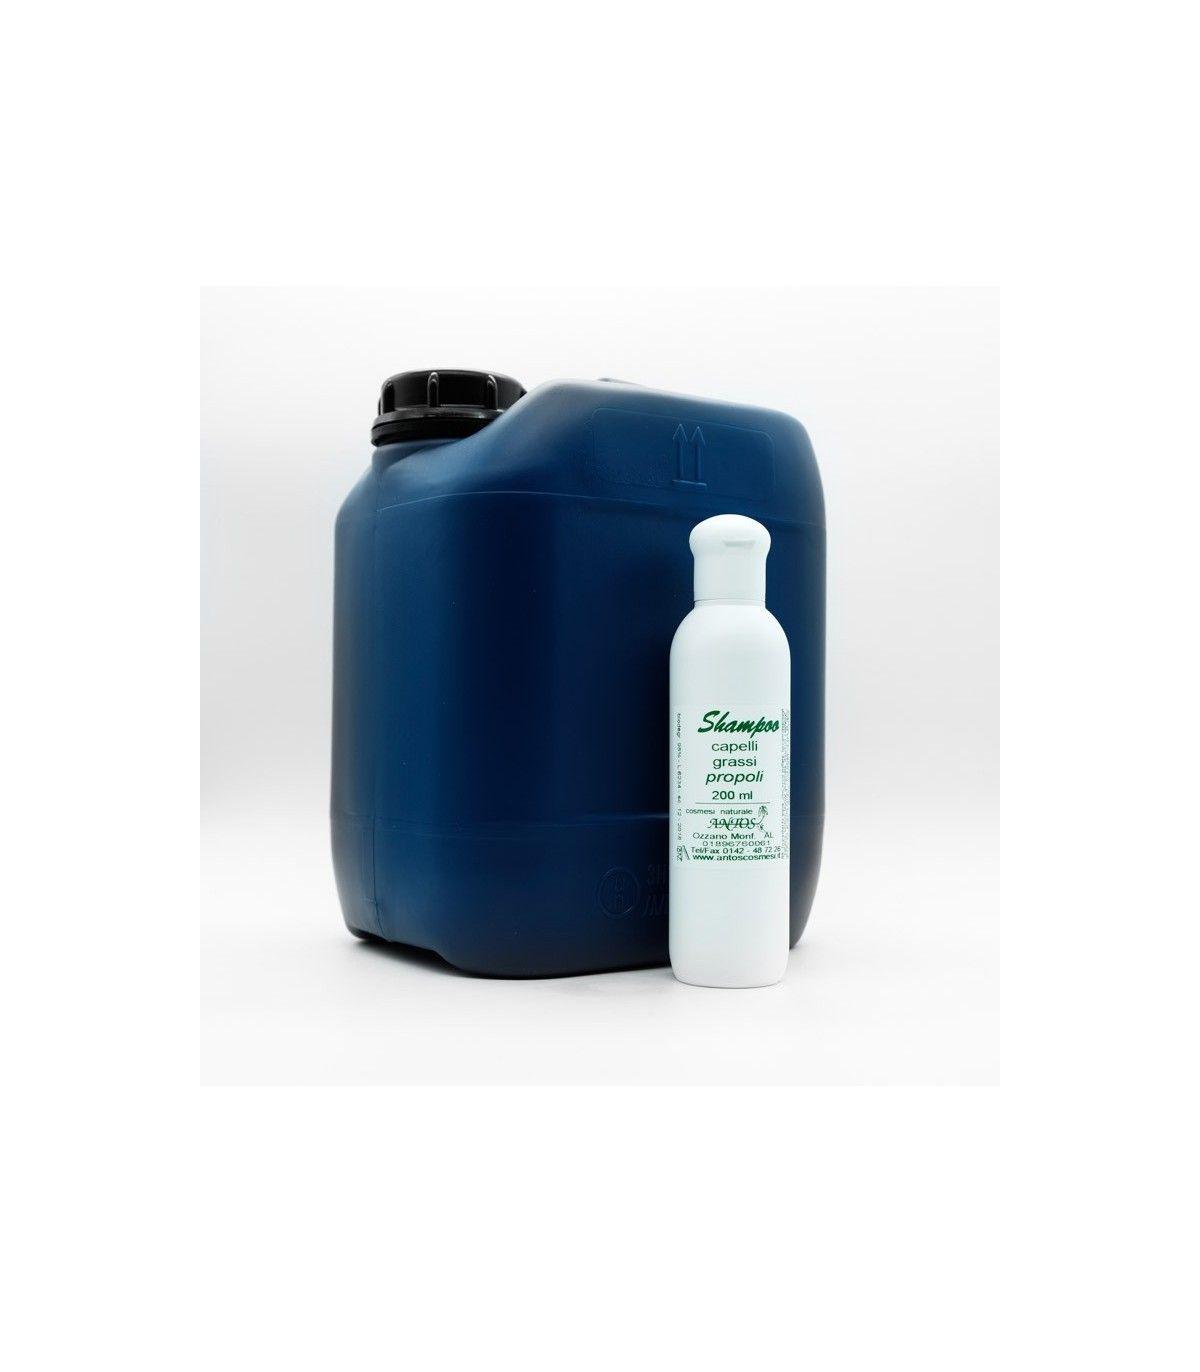 Shampoo per capelli grassi - tanica